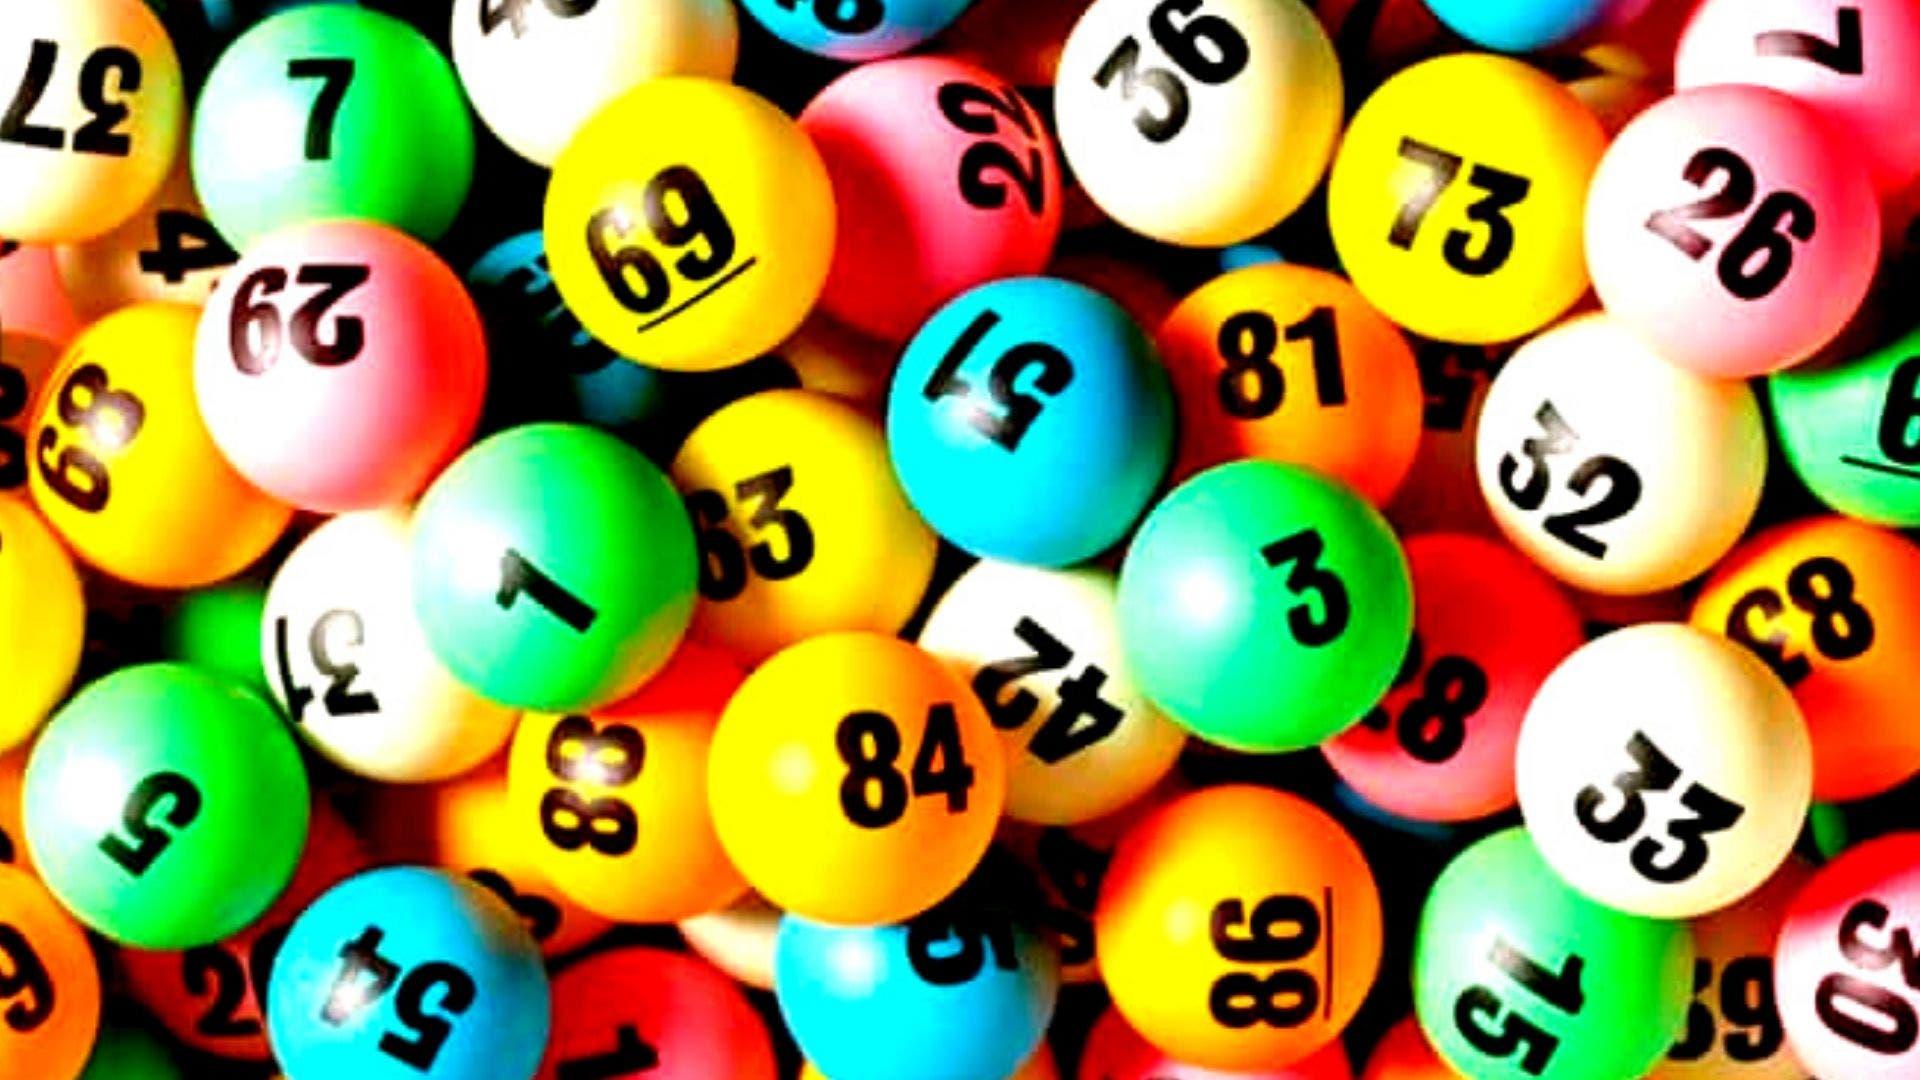 Rezultate loto 2 iulie 2020. Numerele extrase la 6/49, Joker, Noroc și celelalte jocuri